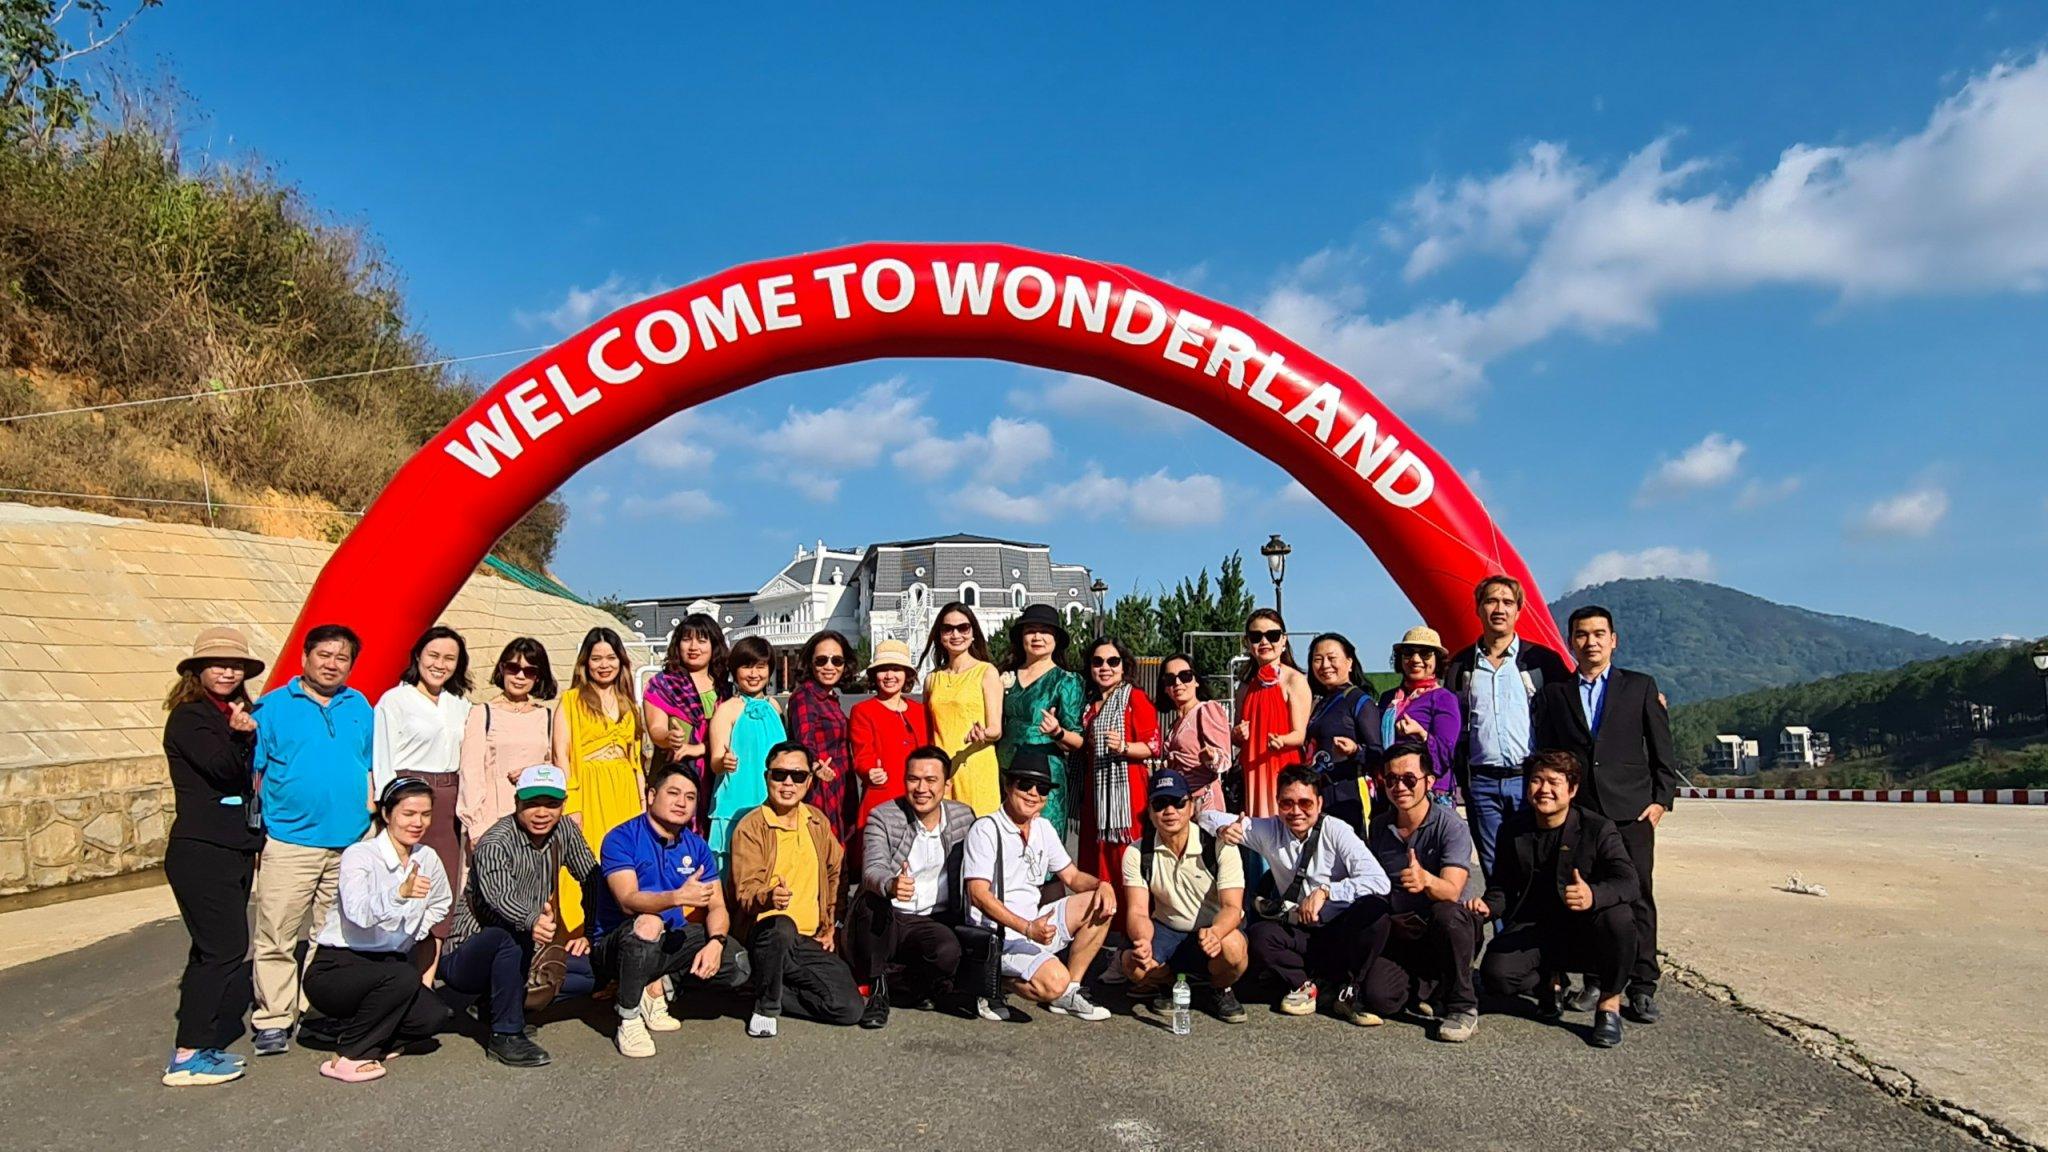 Dalat Wonder Resort khai trương khu trượt tuyết trong nhà, vườn thú, khu vui chơi trẻ em.